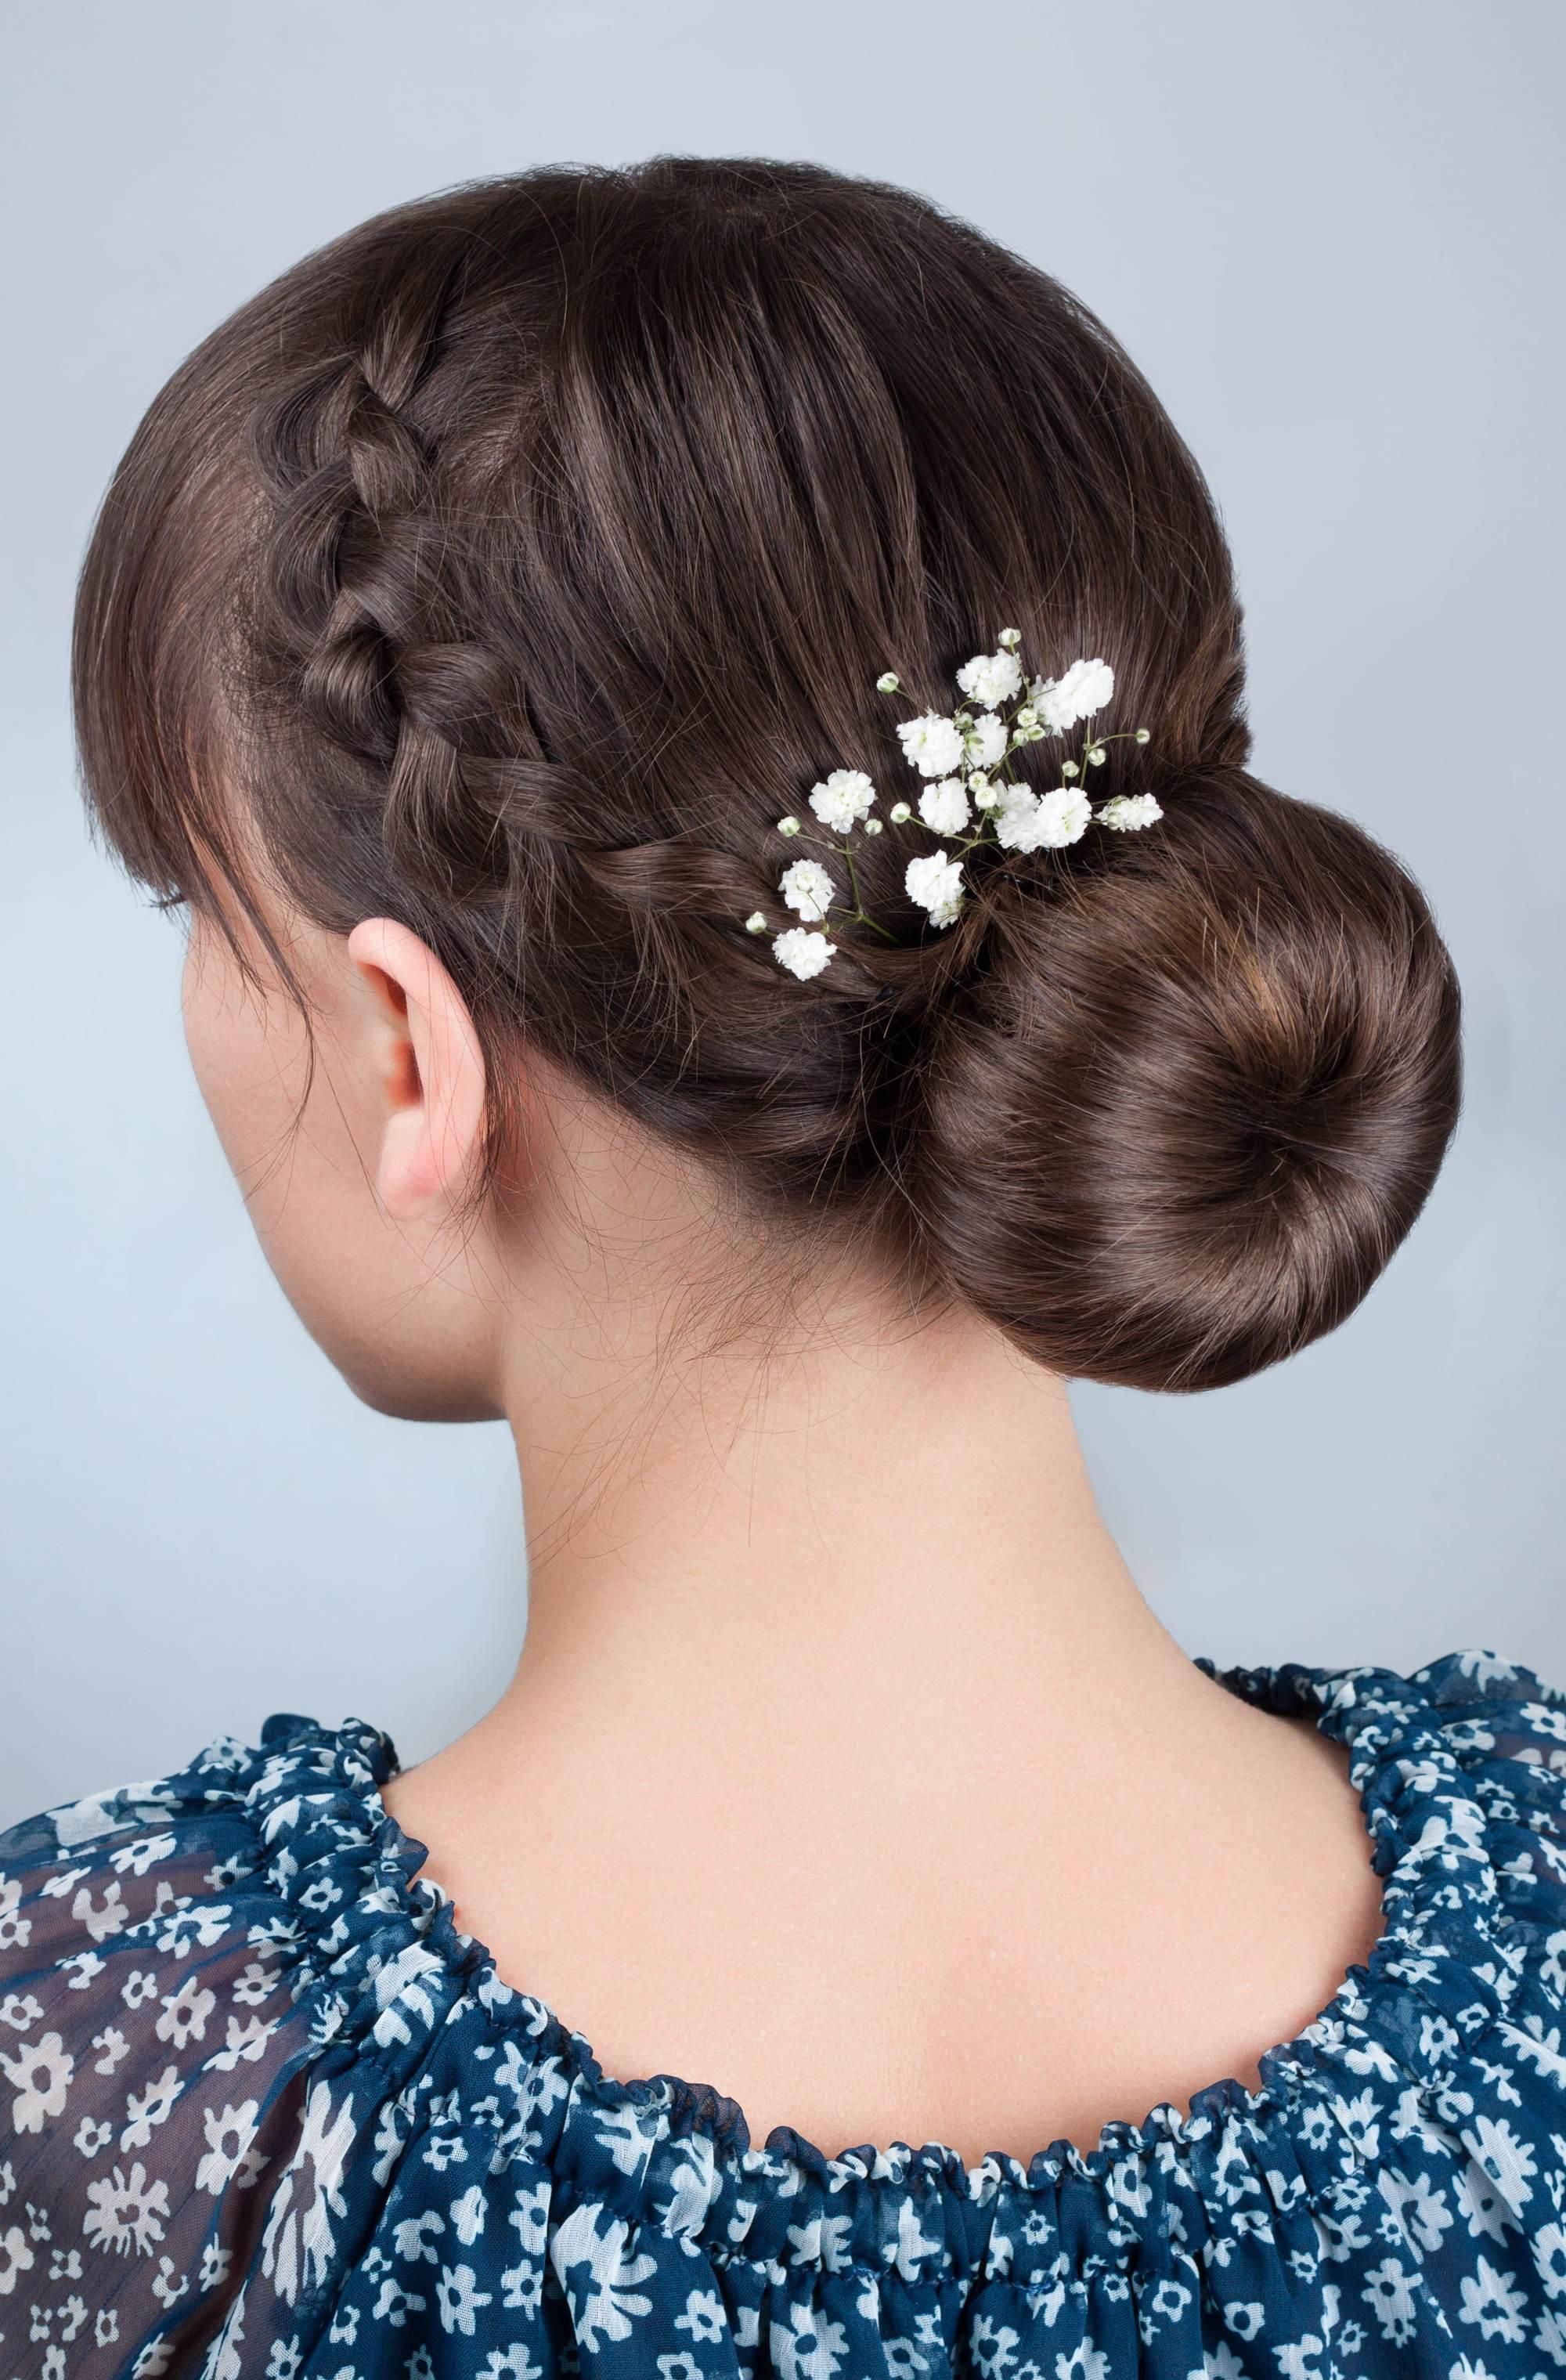 DIY Formal Hairstyles: Wedding Edition